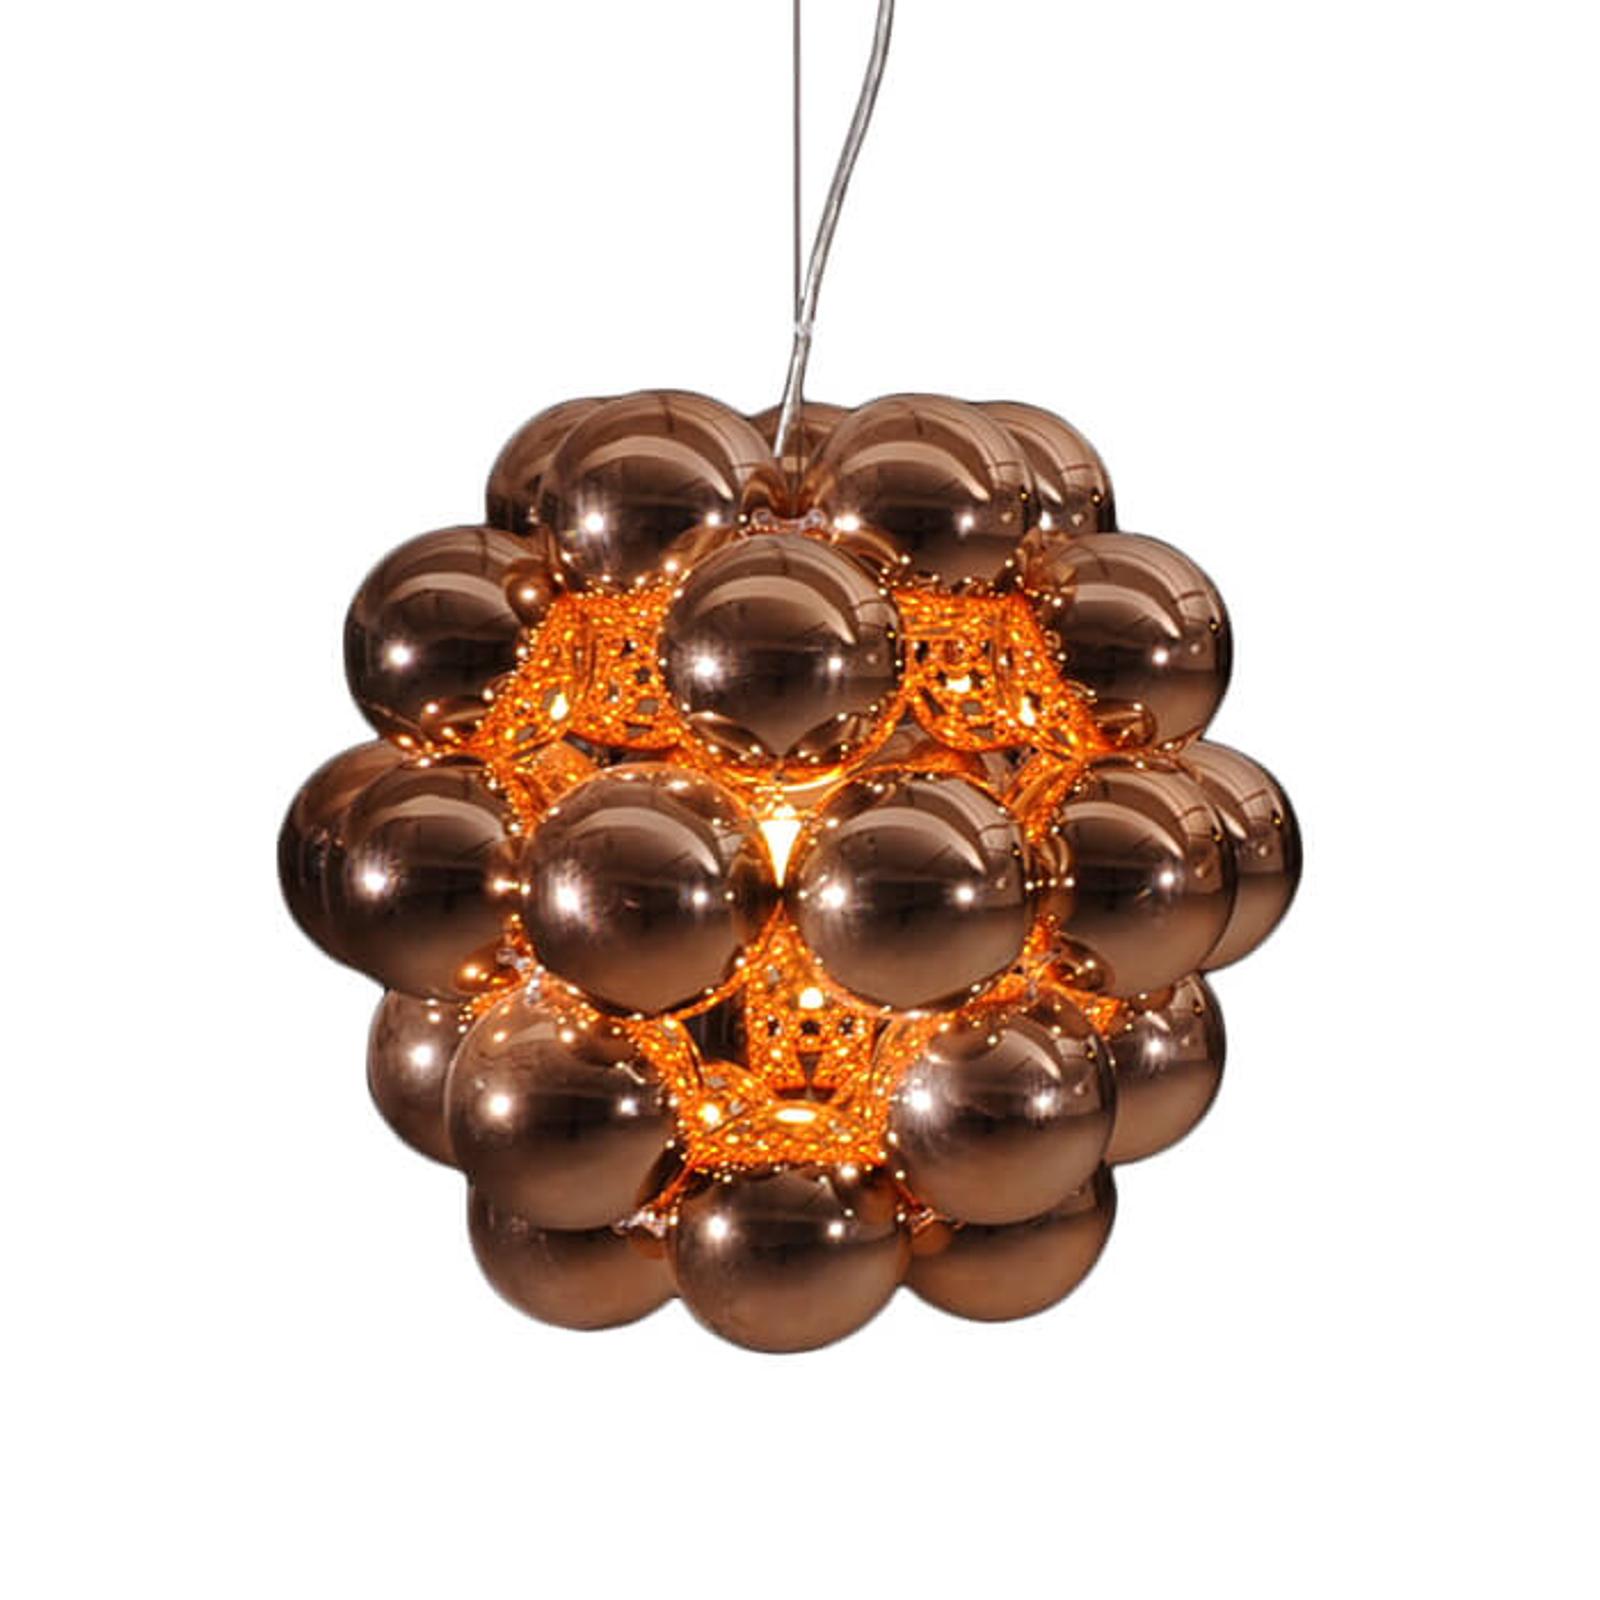 Innermost Beads Penta - hanglamp koper